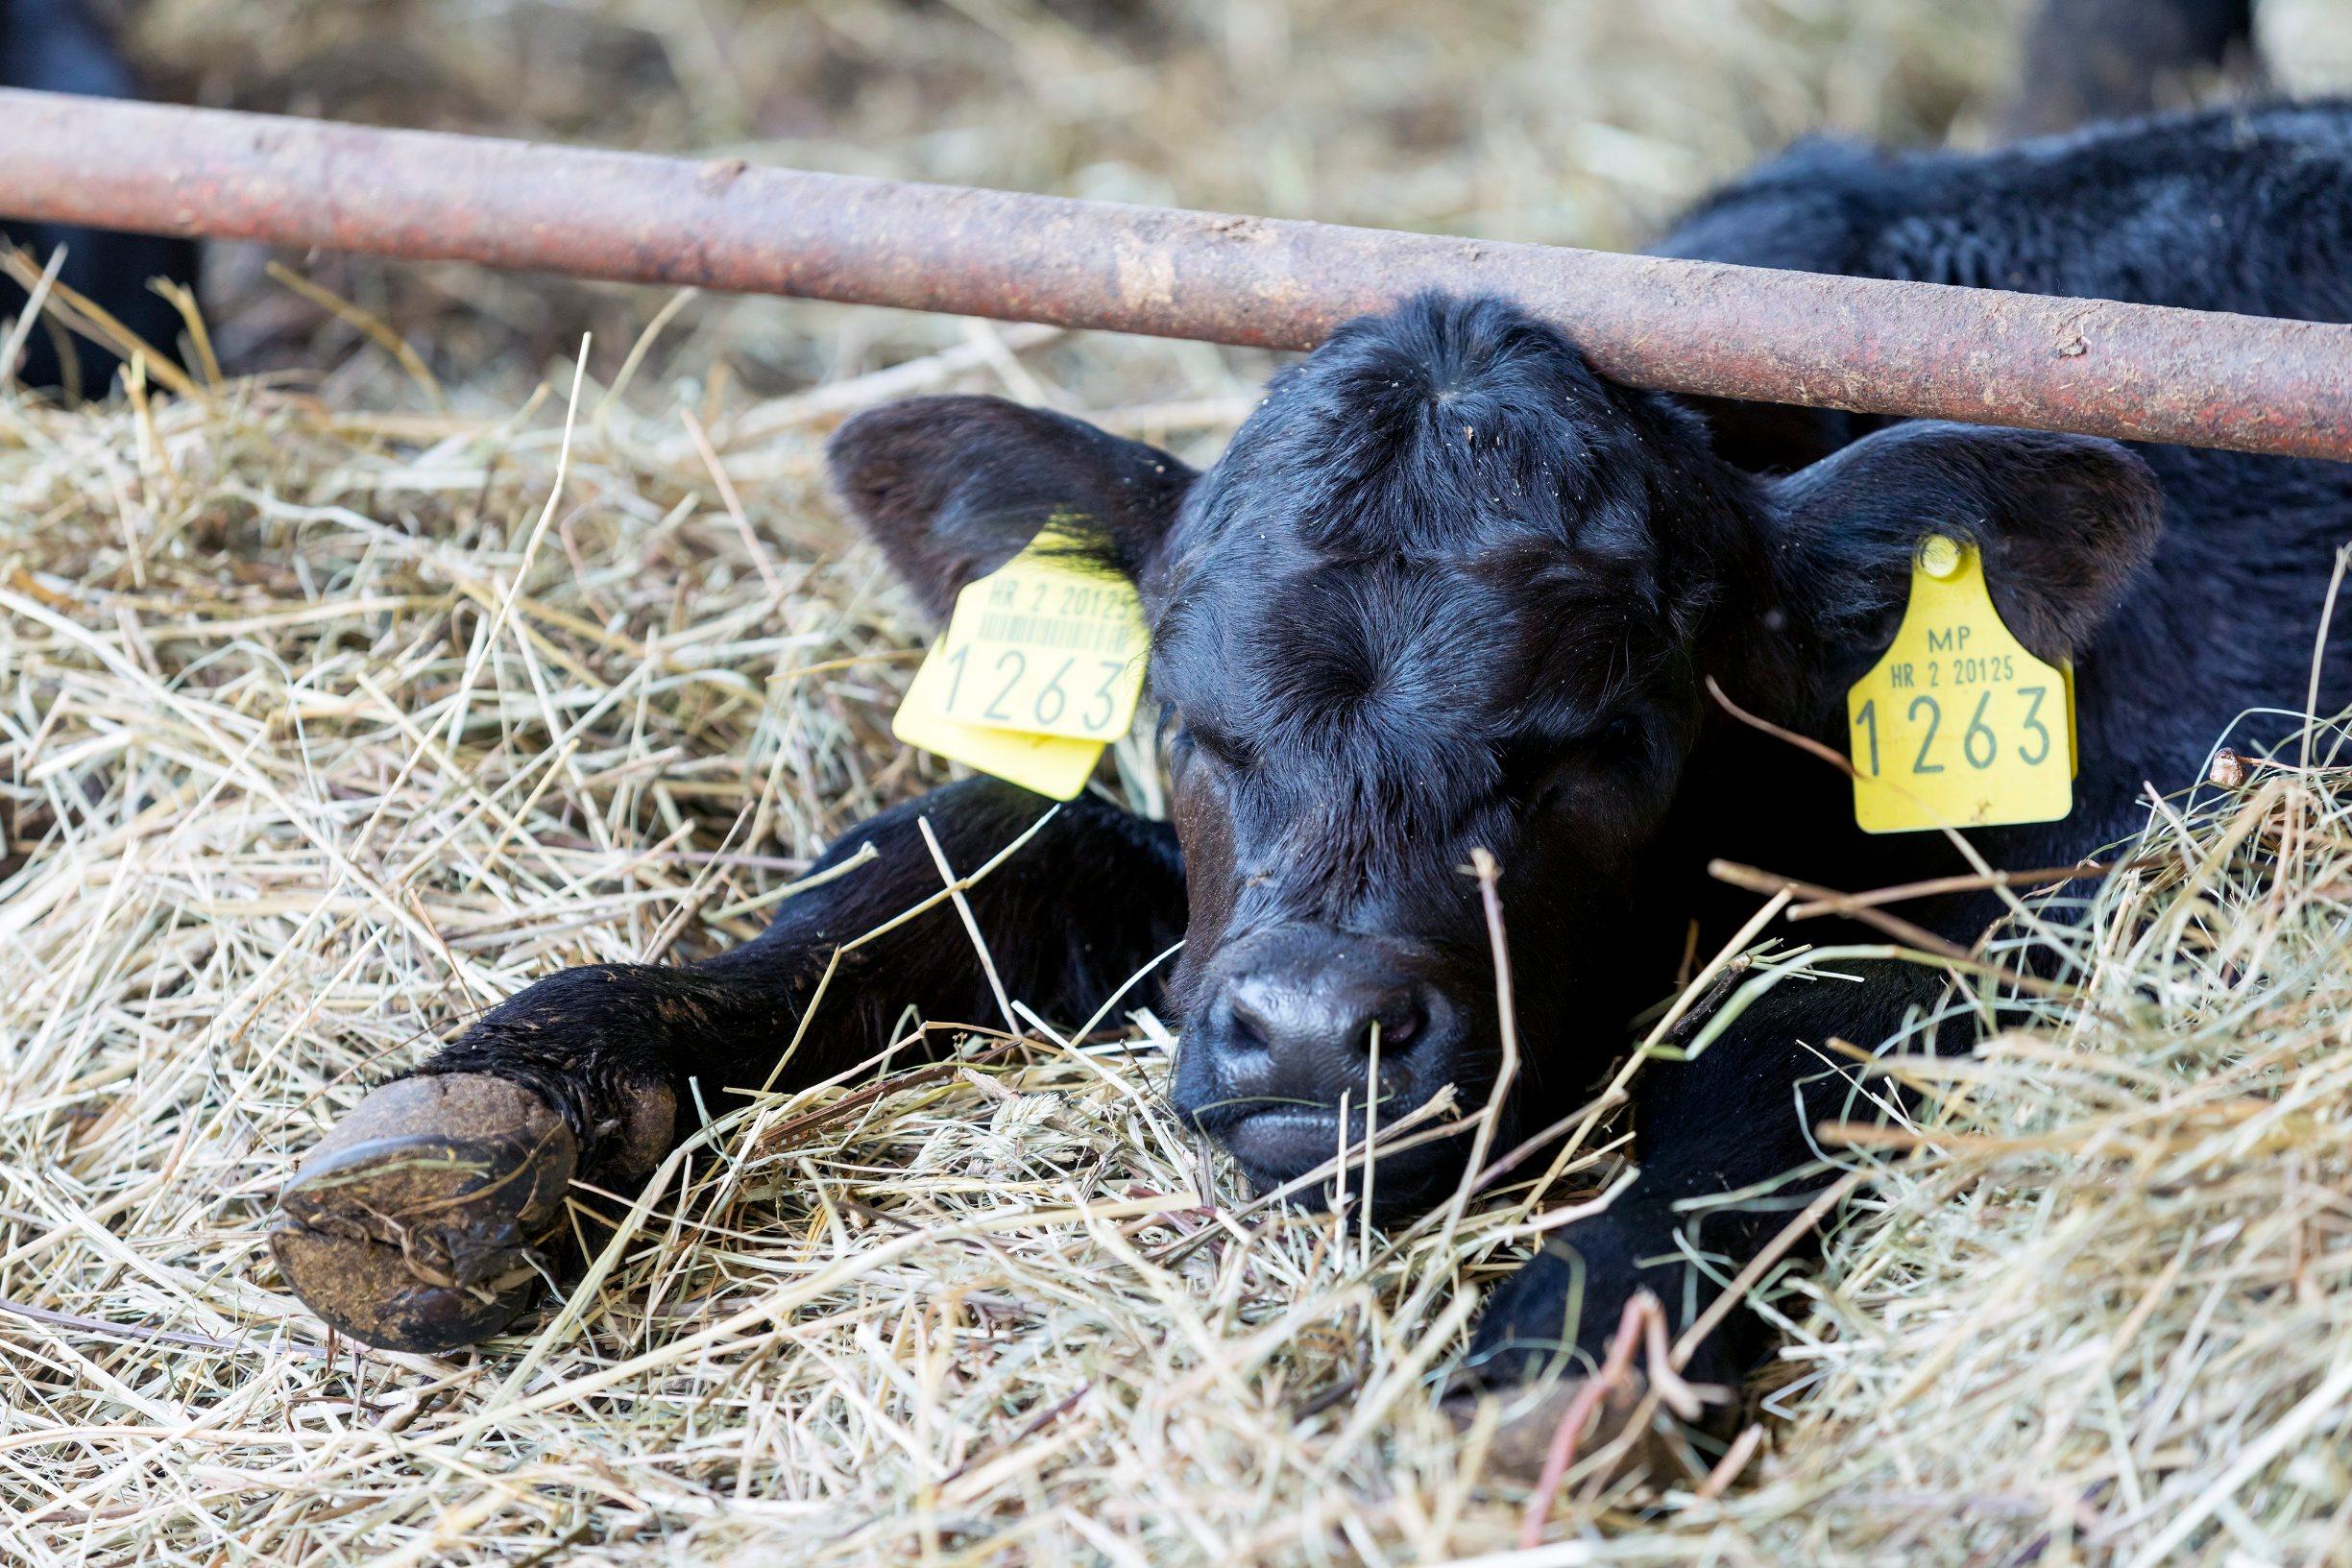 Gornji Poloj, Barilovic, 270420. Farma The M Brothers na kojoj braca Maturanec ozgajaju krave i krmace, te posjeduju vlastitu klaonicu. Na fotografiji: krave. Foto: Tomislav Kristo / CROPIX